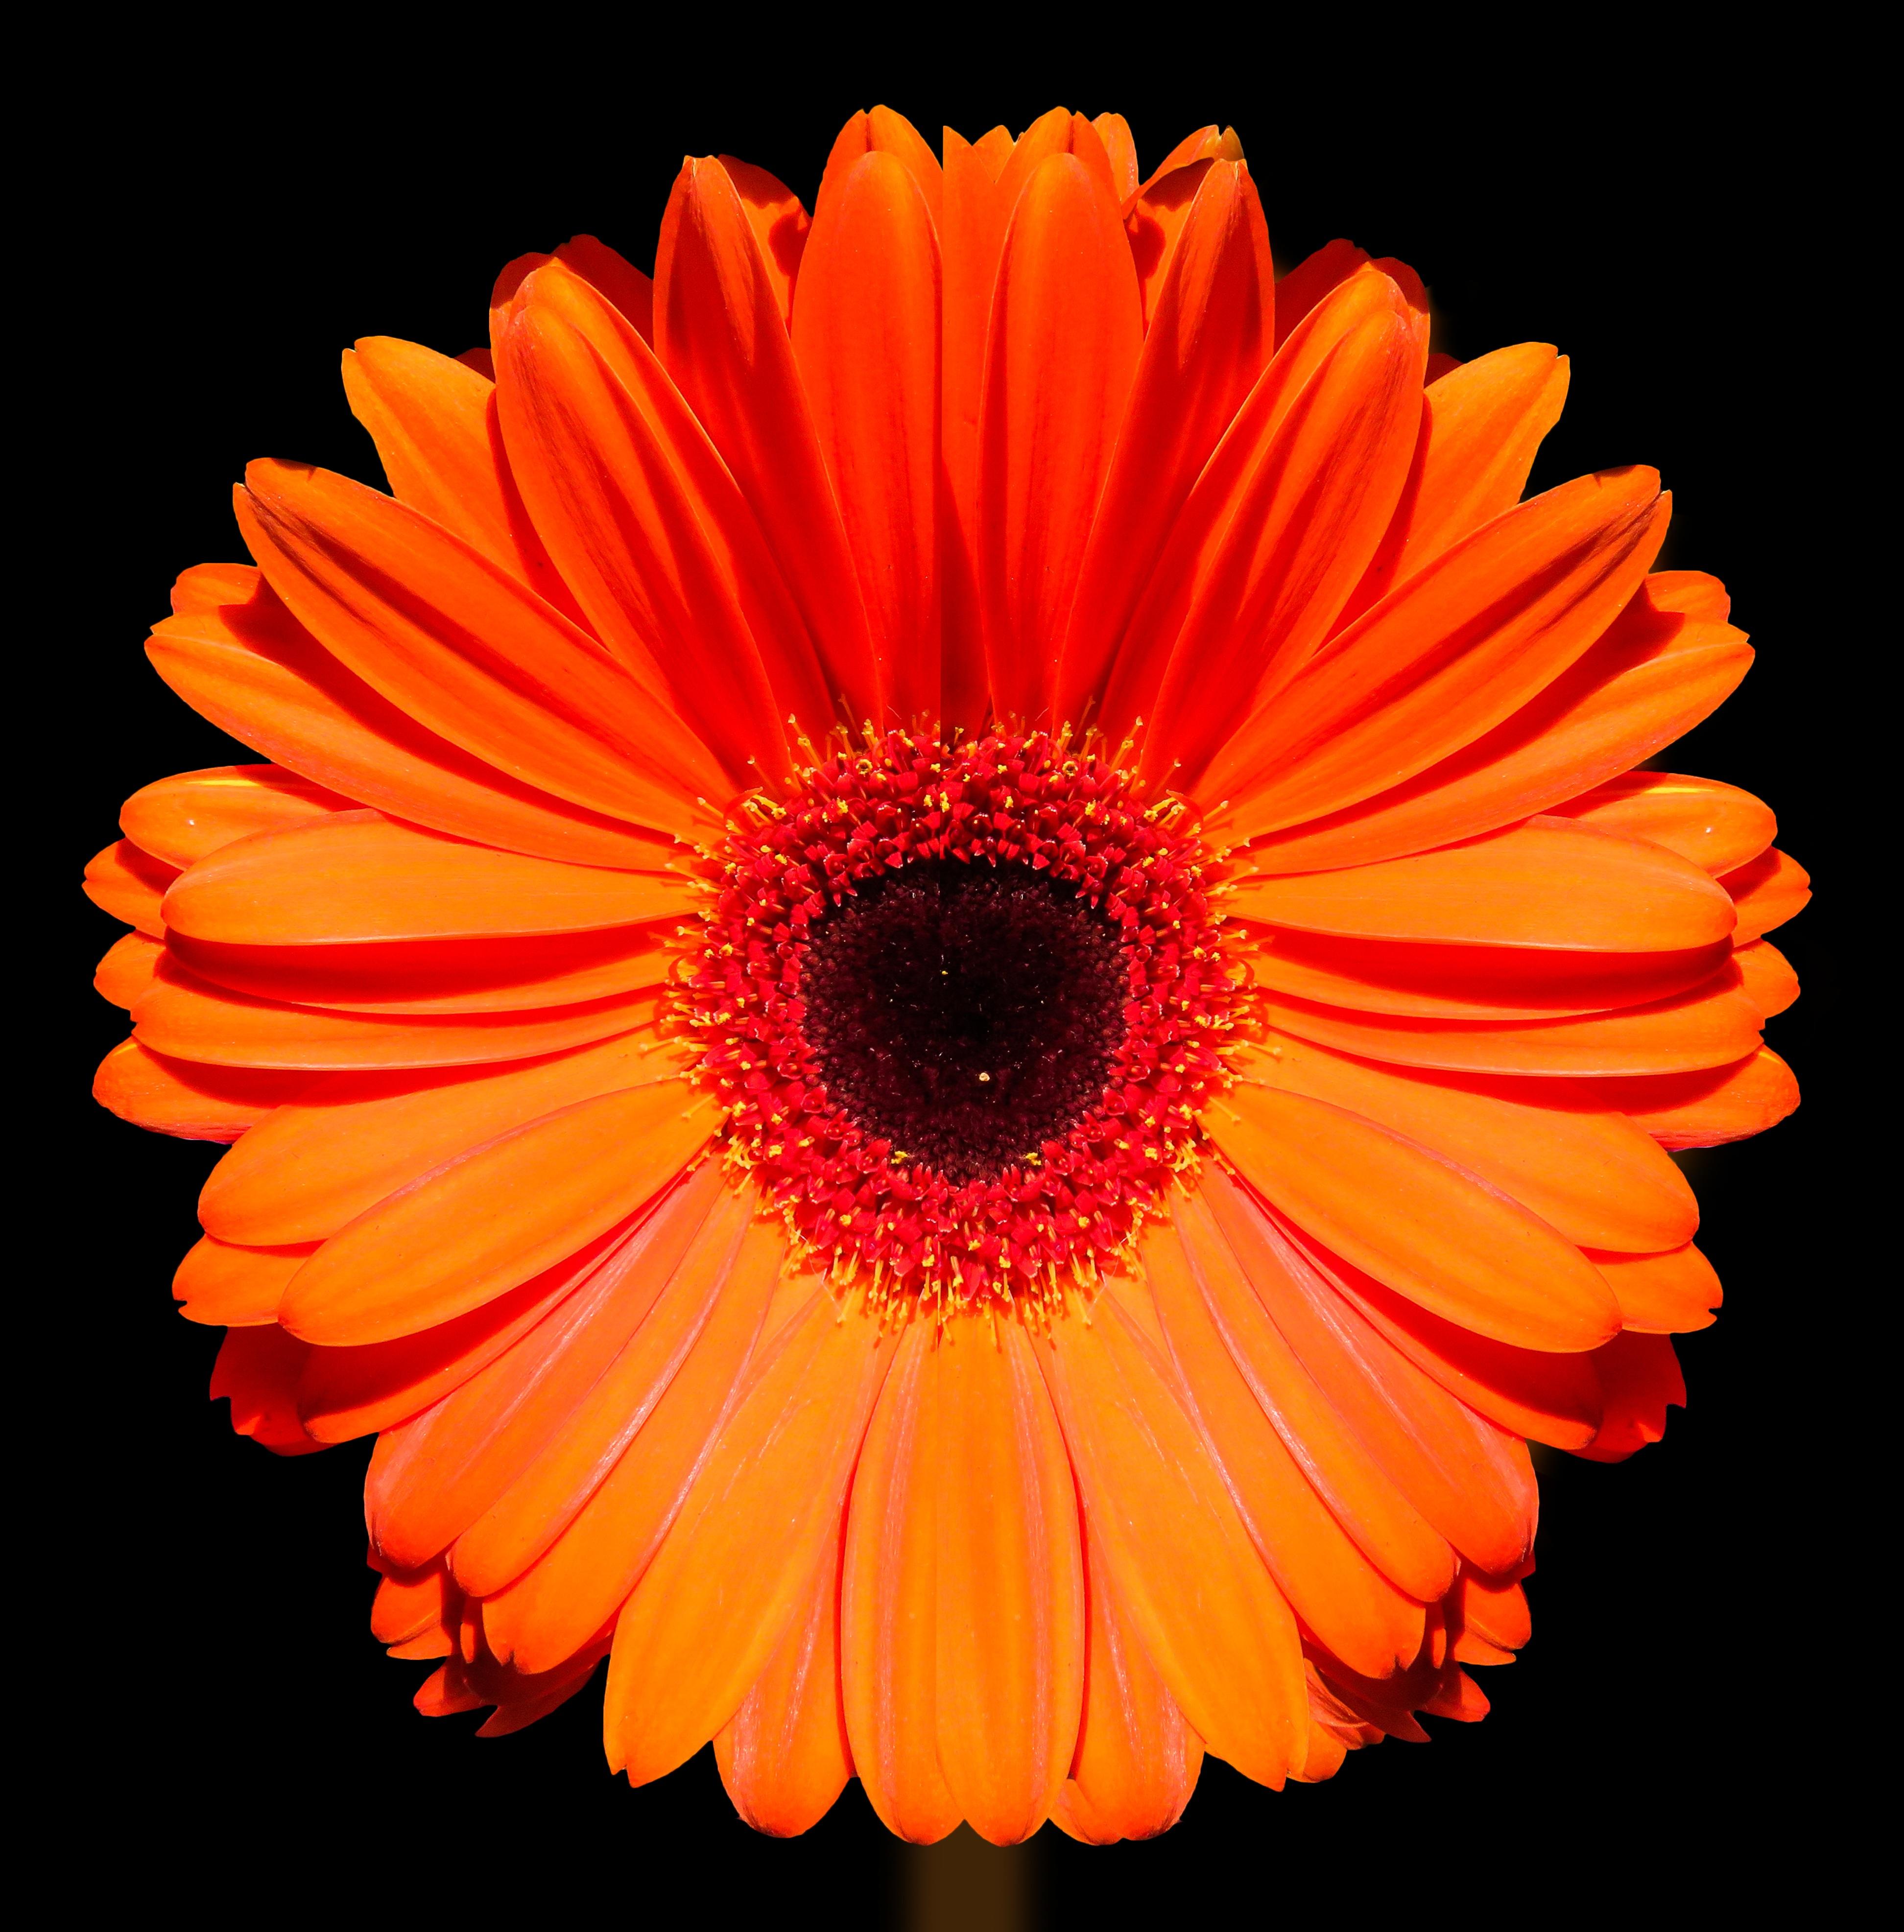 оранжевый цветочек картинка идёт